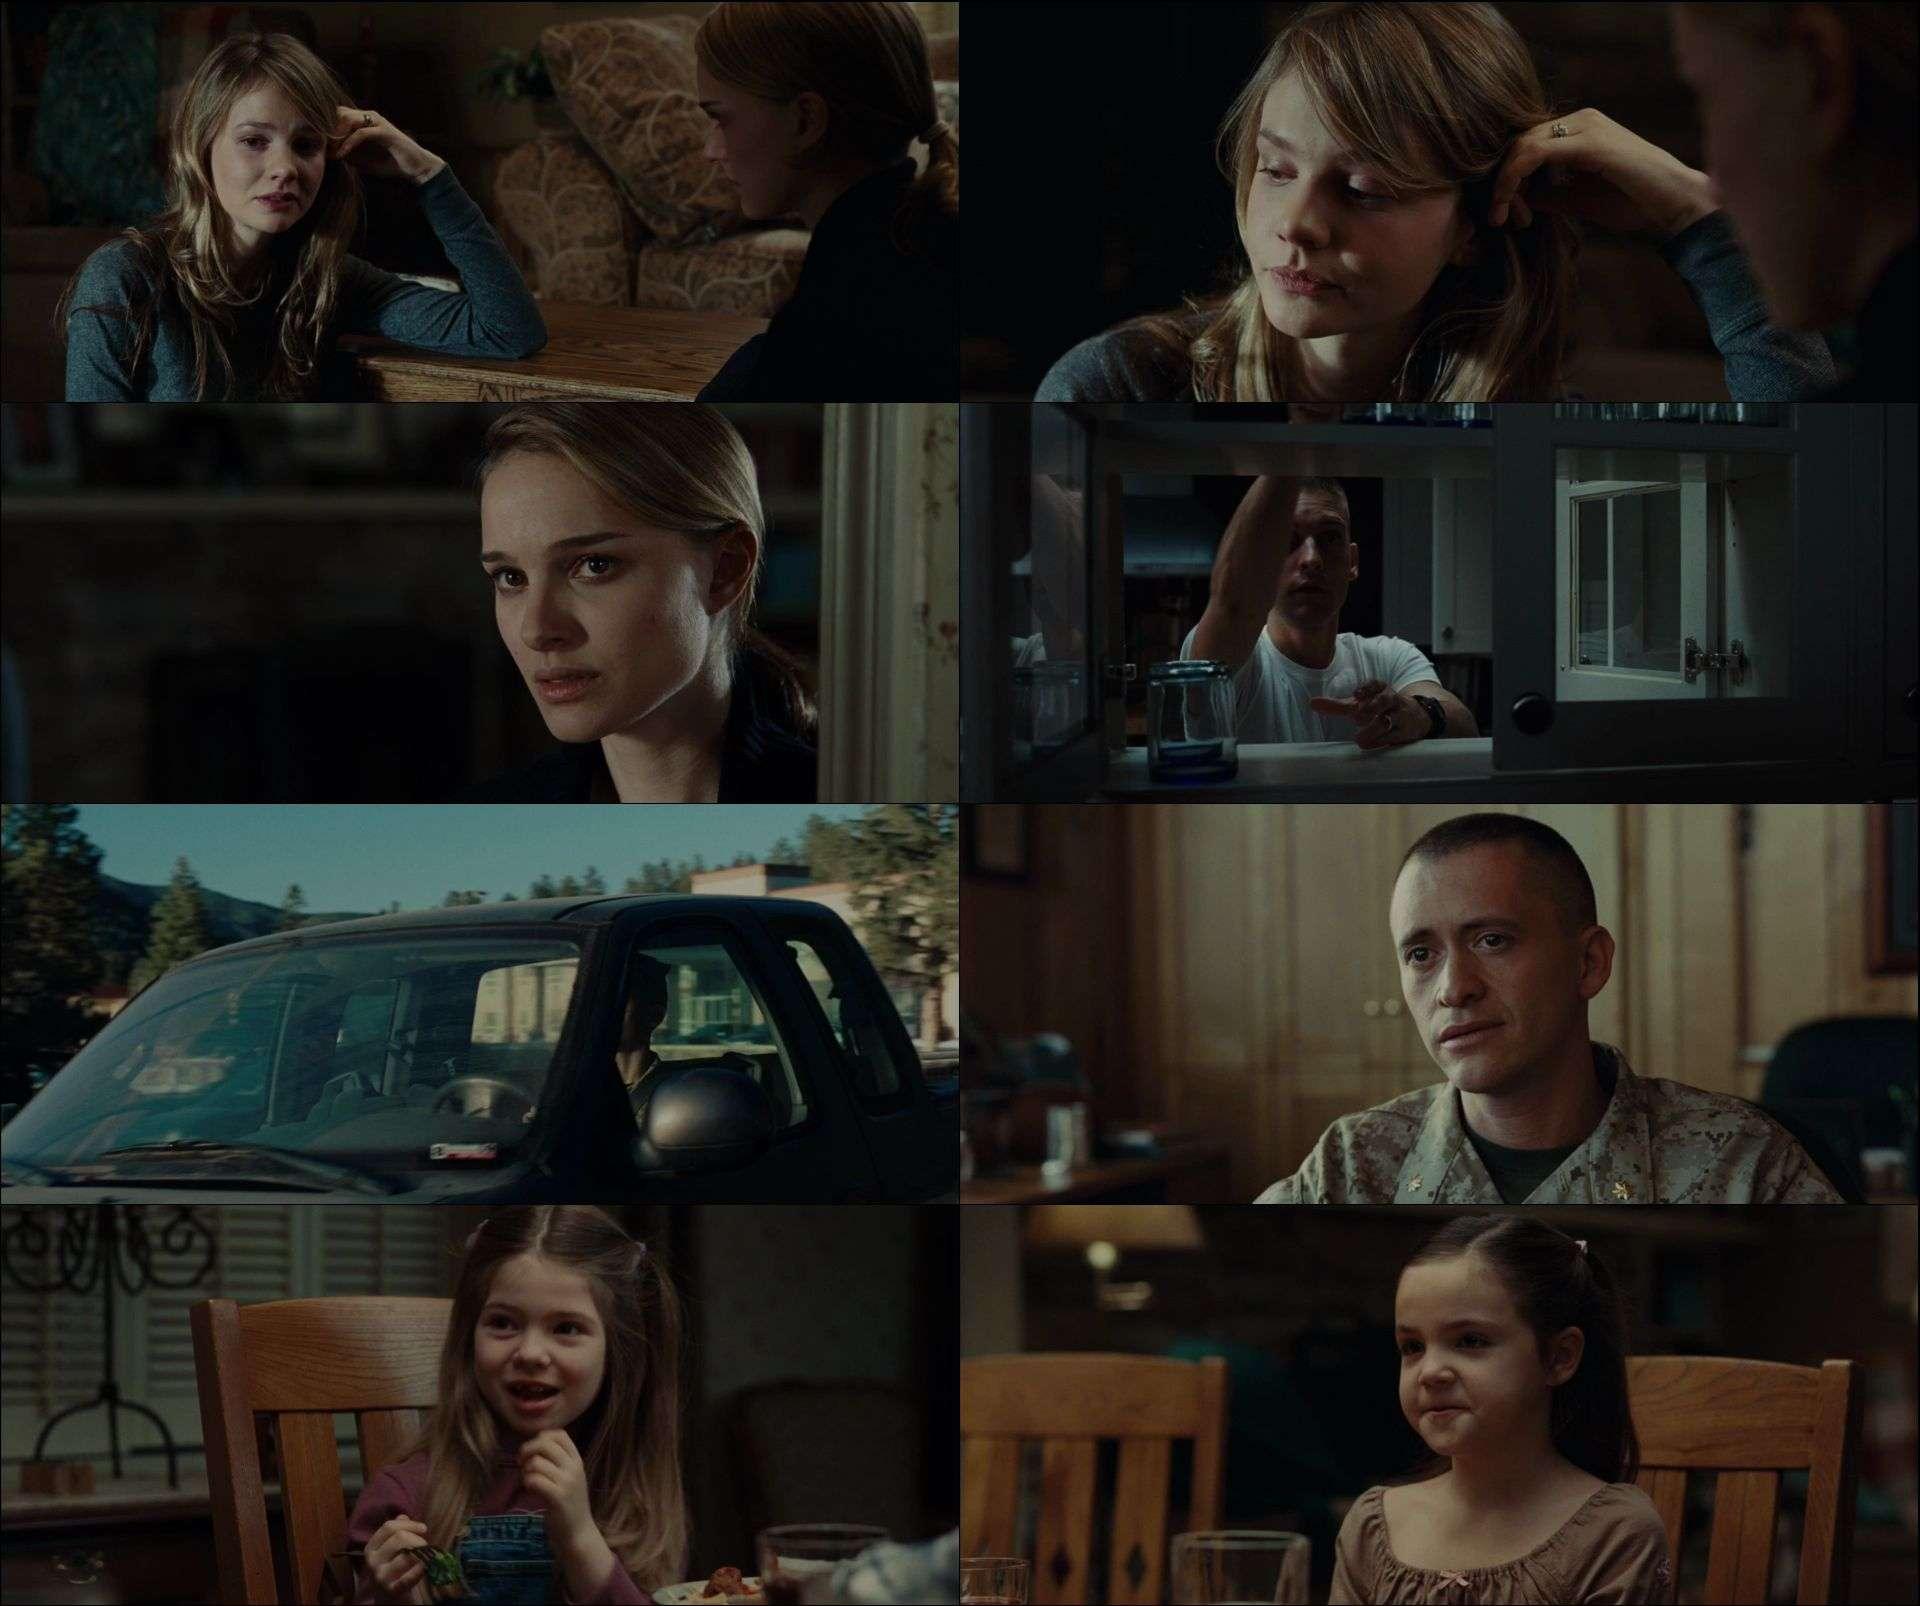 Kardeşler - Brothers (2009) türkçe dublaj film indir